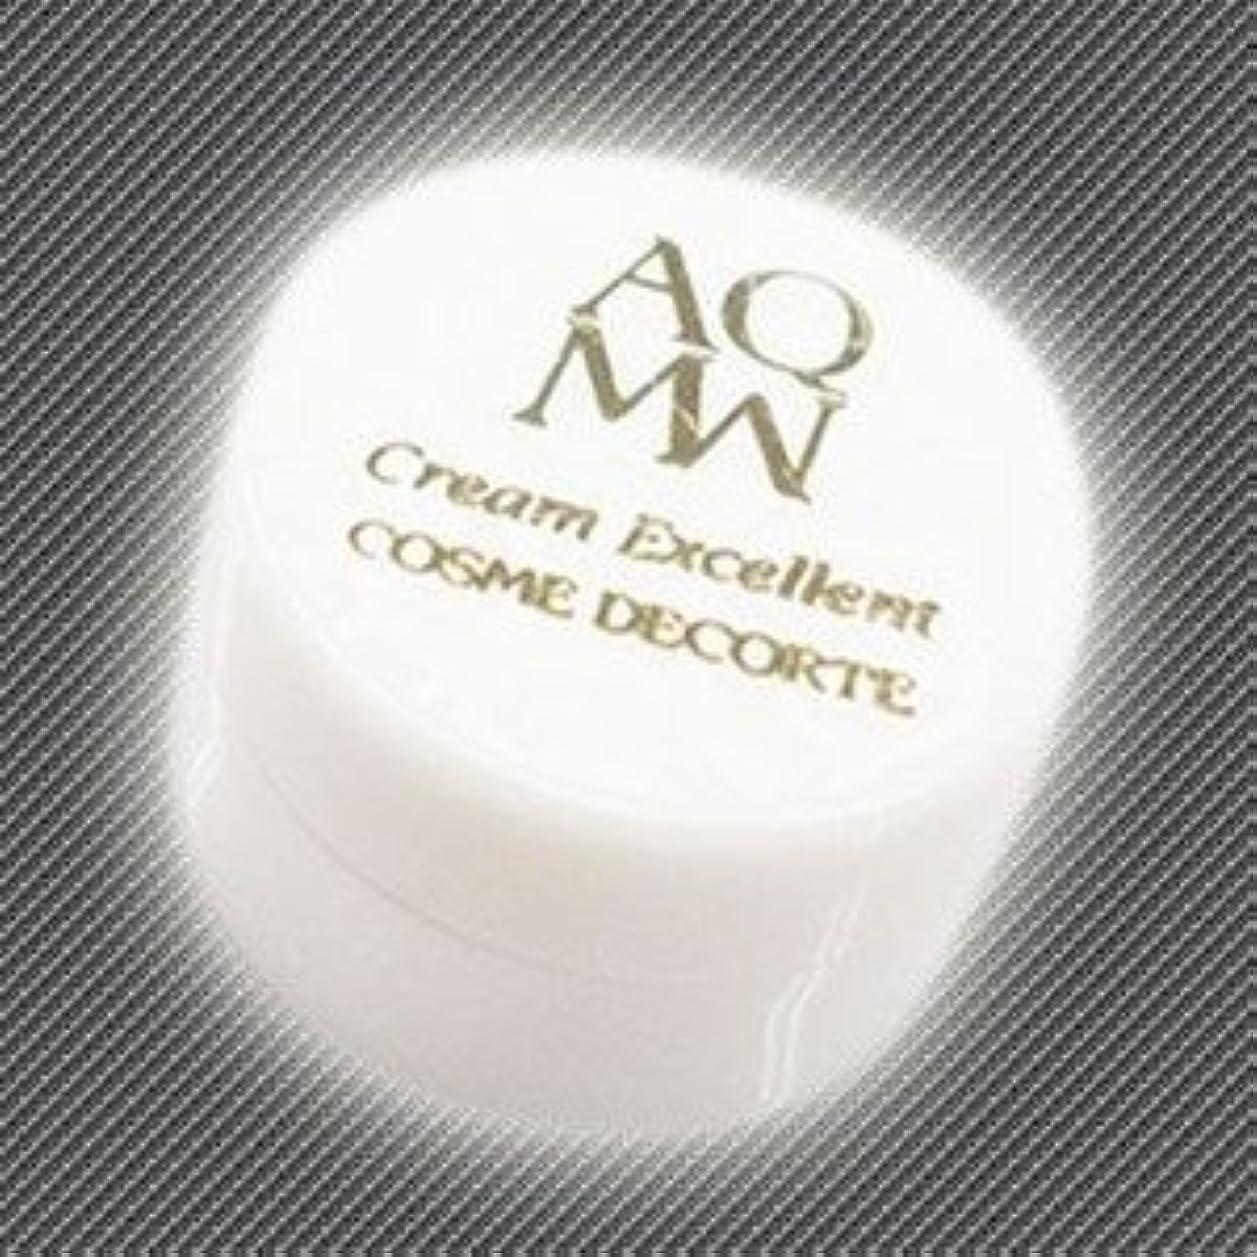 推測する受け継ぐすり減るコスメデコルテ AQ MW クリームエクセレント 2.4ml(ミニ)